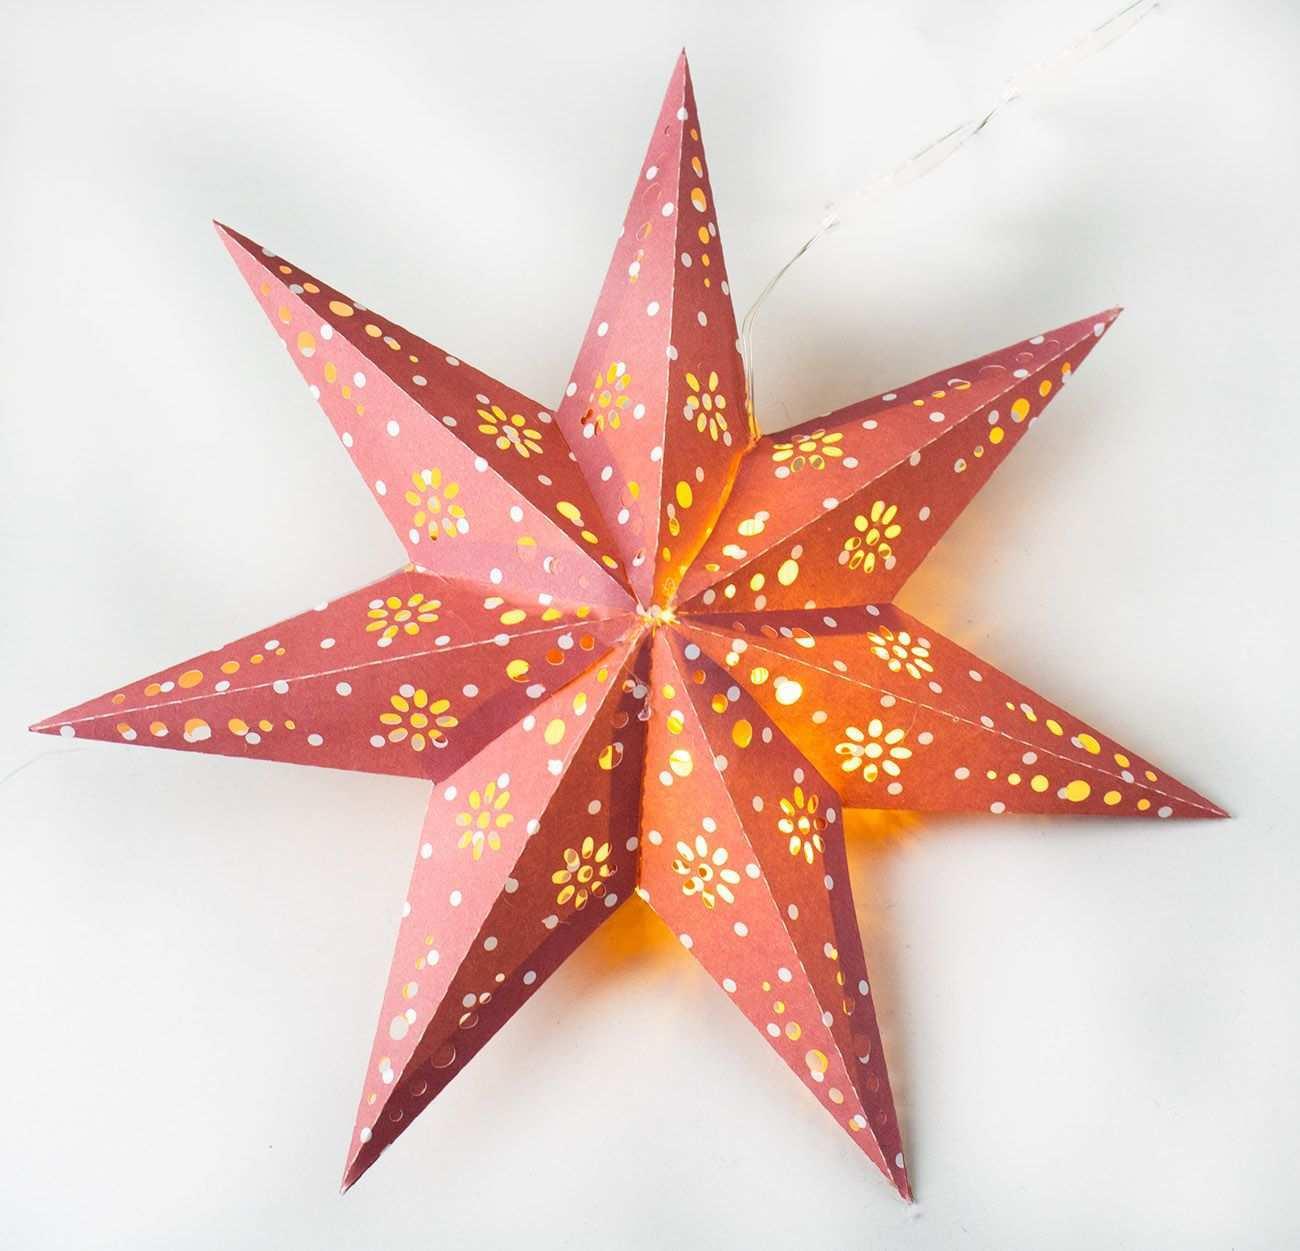 Leuchtende Sterne Mit Licht Basteln Gratis Plotterdatei Leuchtsterne Sterne Basteln Vorlage Papiersterne Basteln Weihnachtsstern Basteln